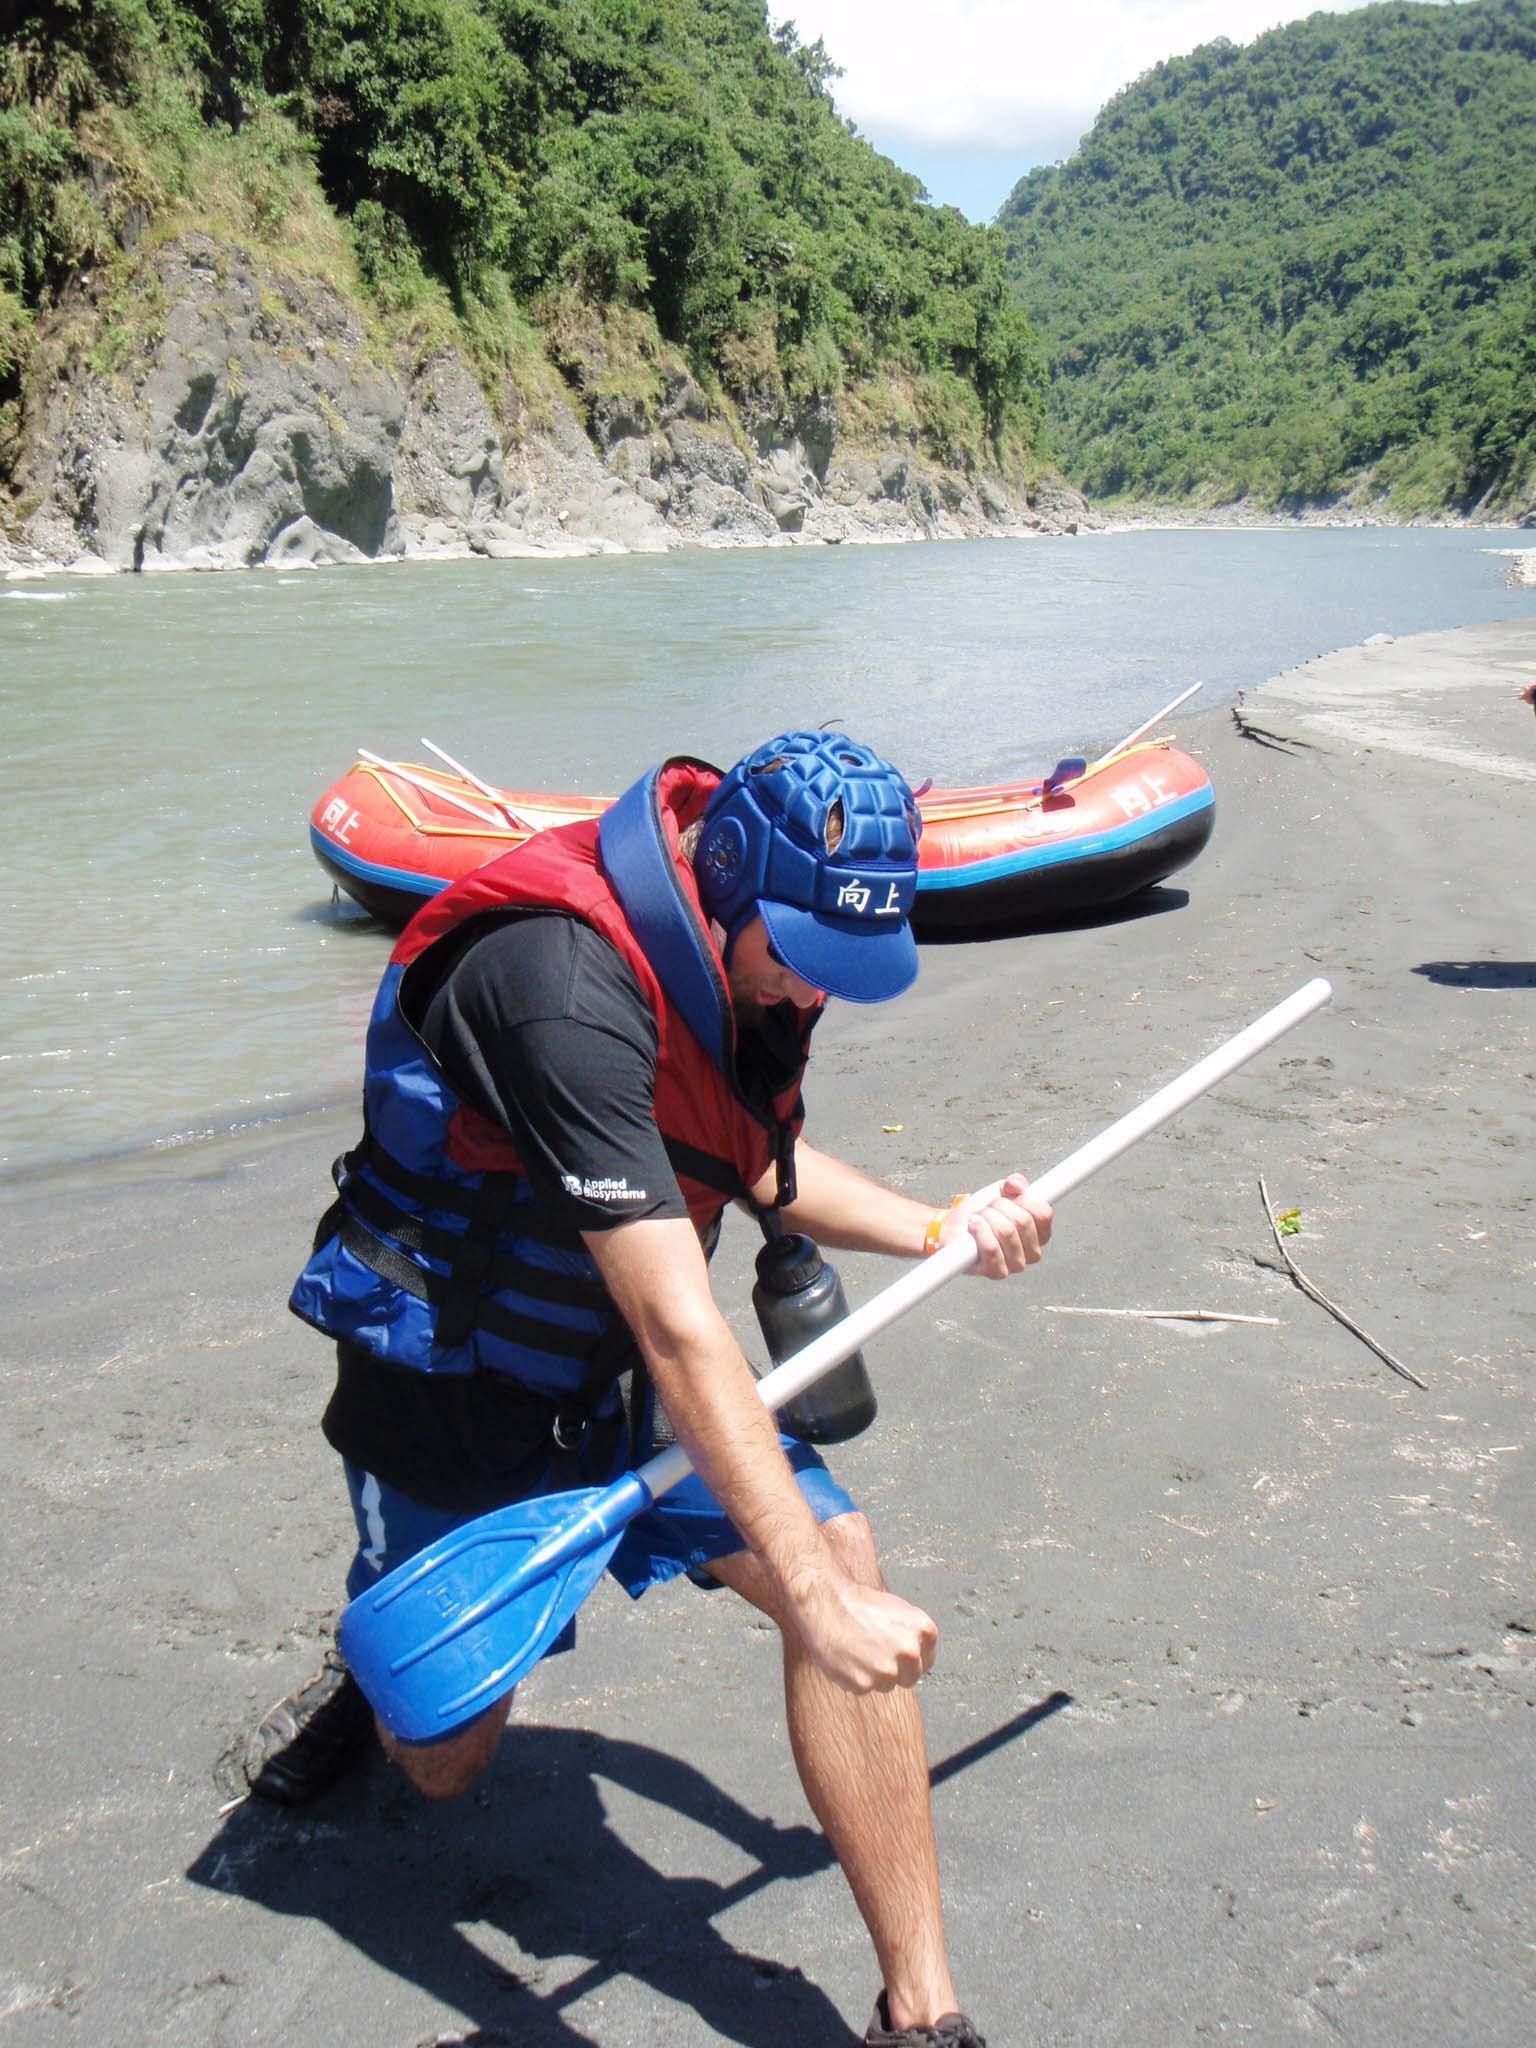 rafting air guitar.jpg